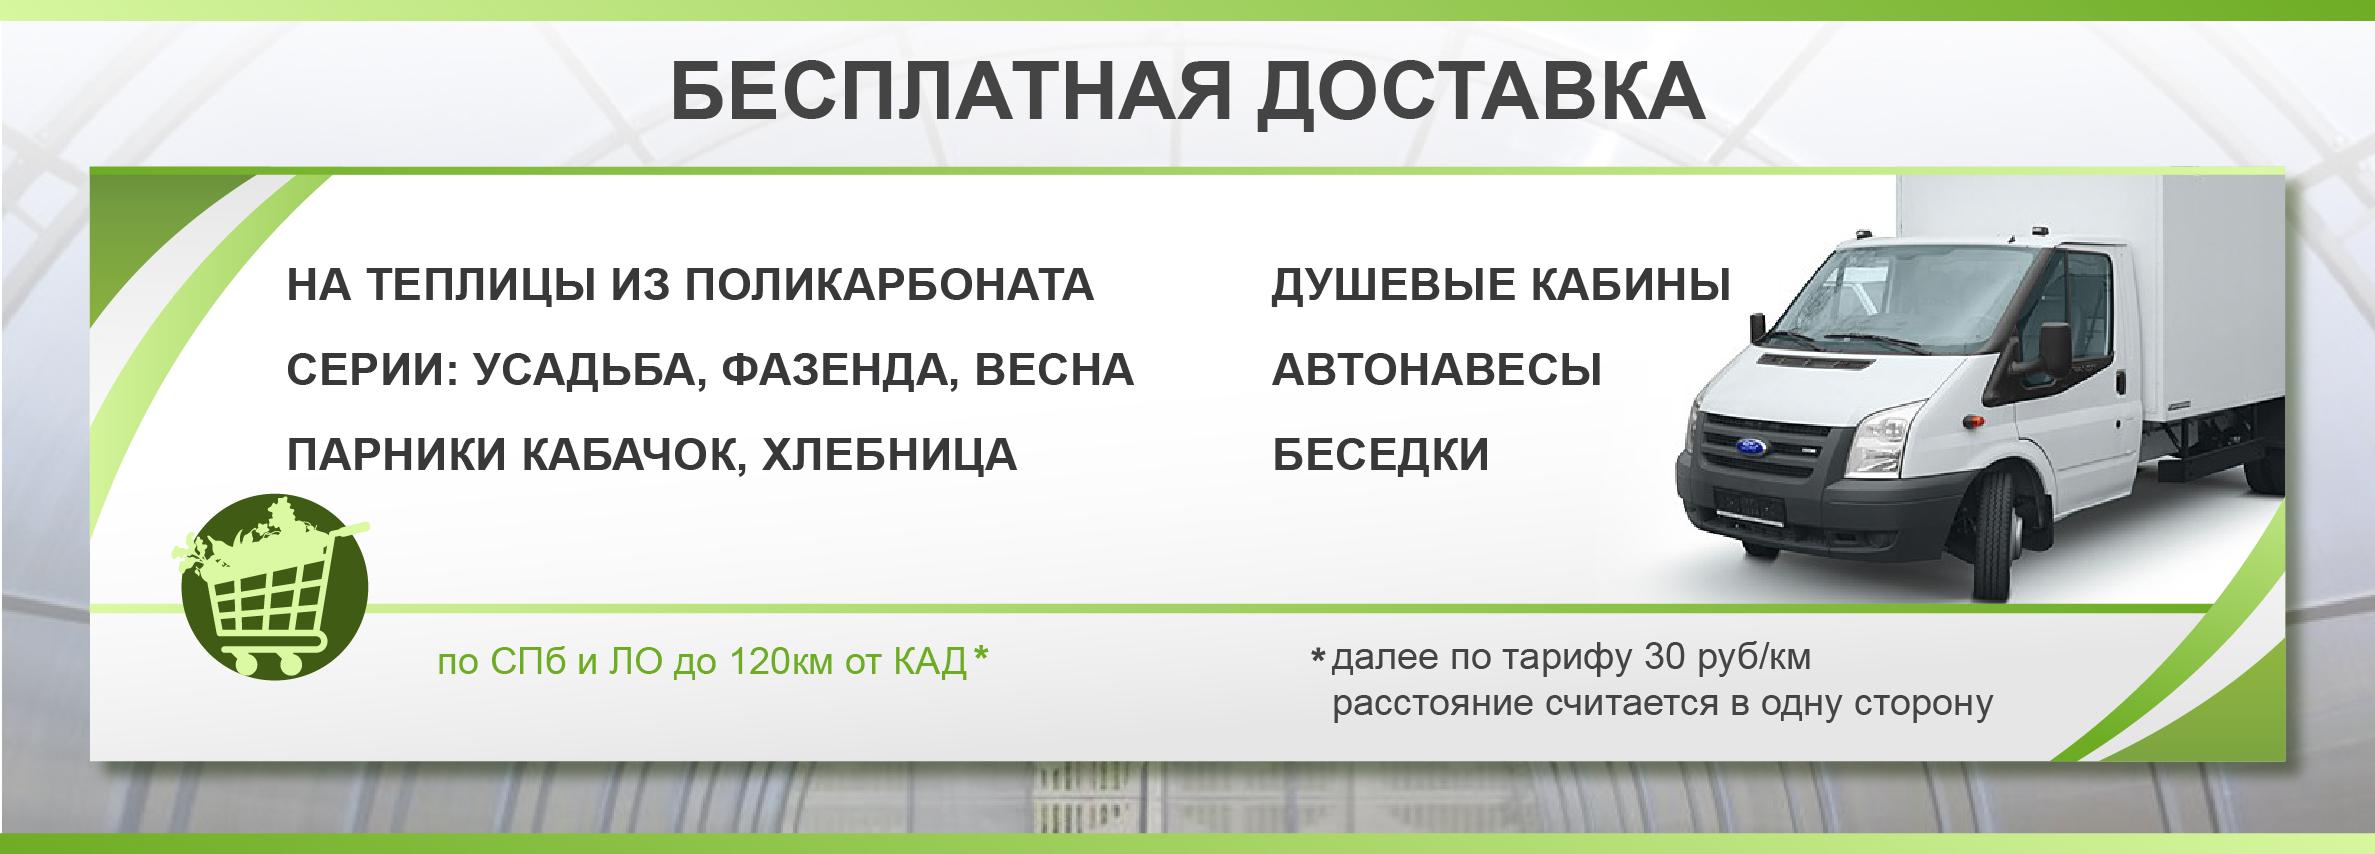 Бесплатная доставка теплиц в СПб.